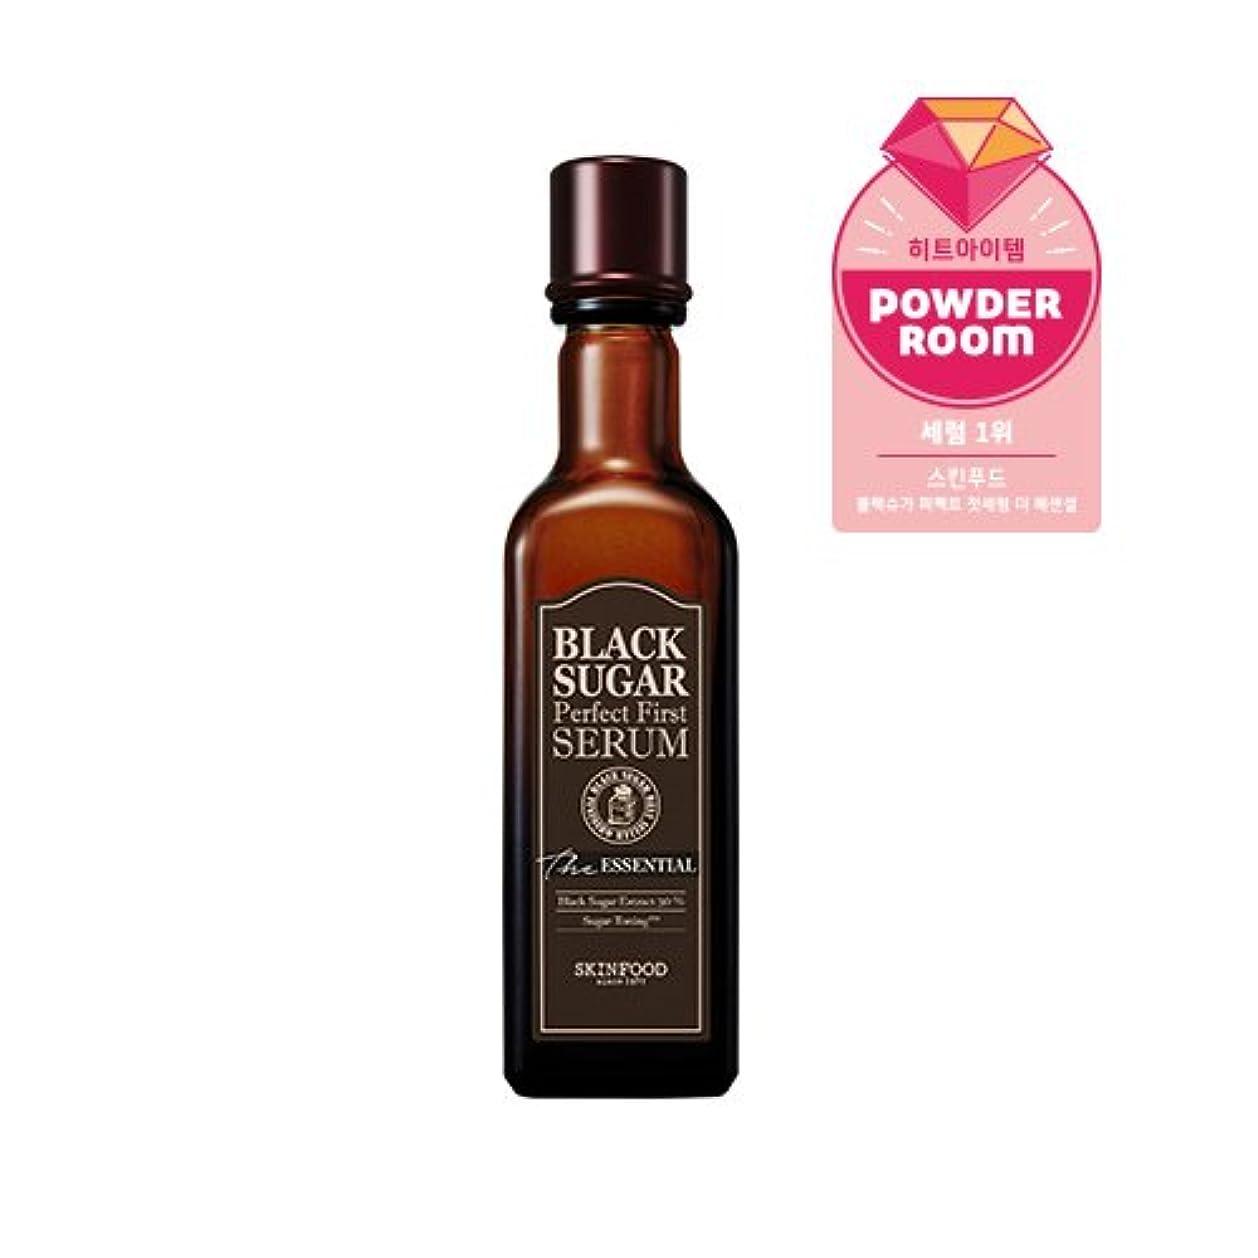 根拠おとこ租界Skinfood black sugar perfect first serum the essential/黒糖完璧な最初の血清必須/120ml +60ea [並行輸入品]